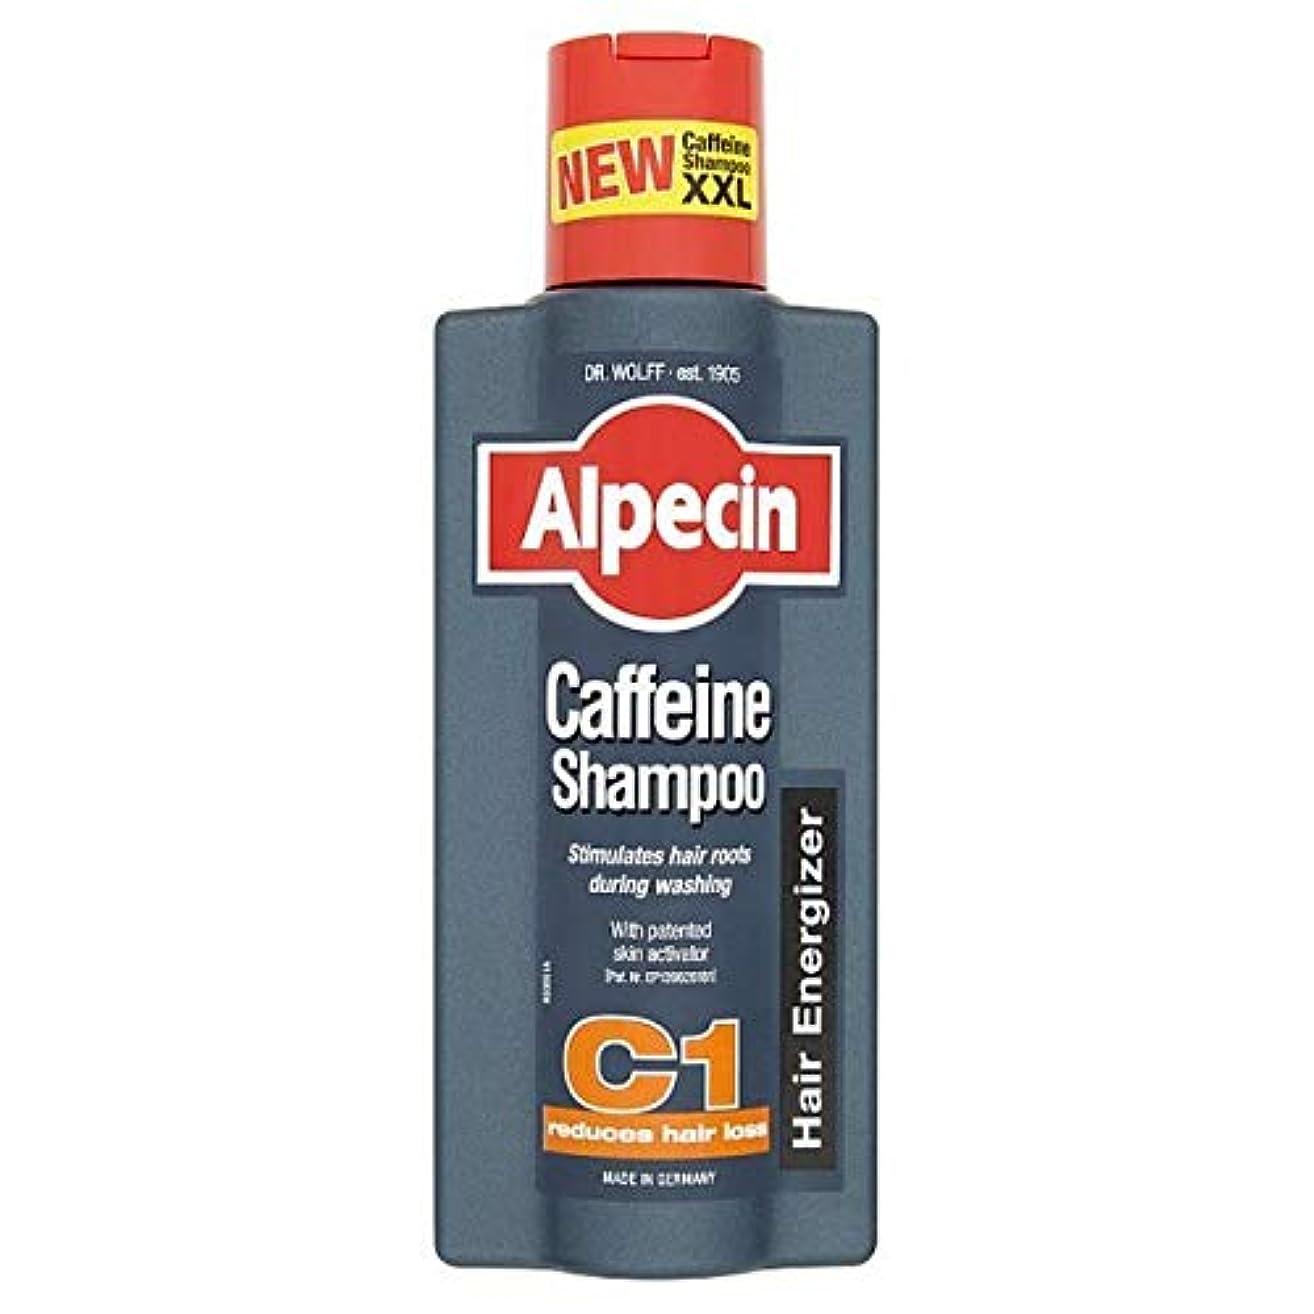 スナッチアブストラクトパッケージ[Alpecin] C1カフェインシャンプー375ミリリットルAlpecin - Alpecin C1 Caffeine Shampoo 375ml [並行輸入品]